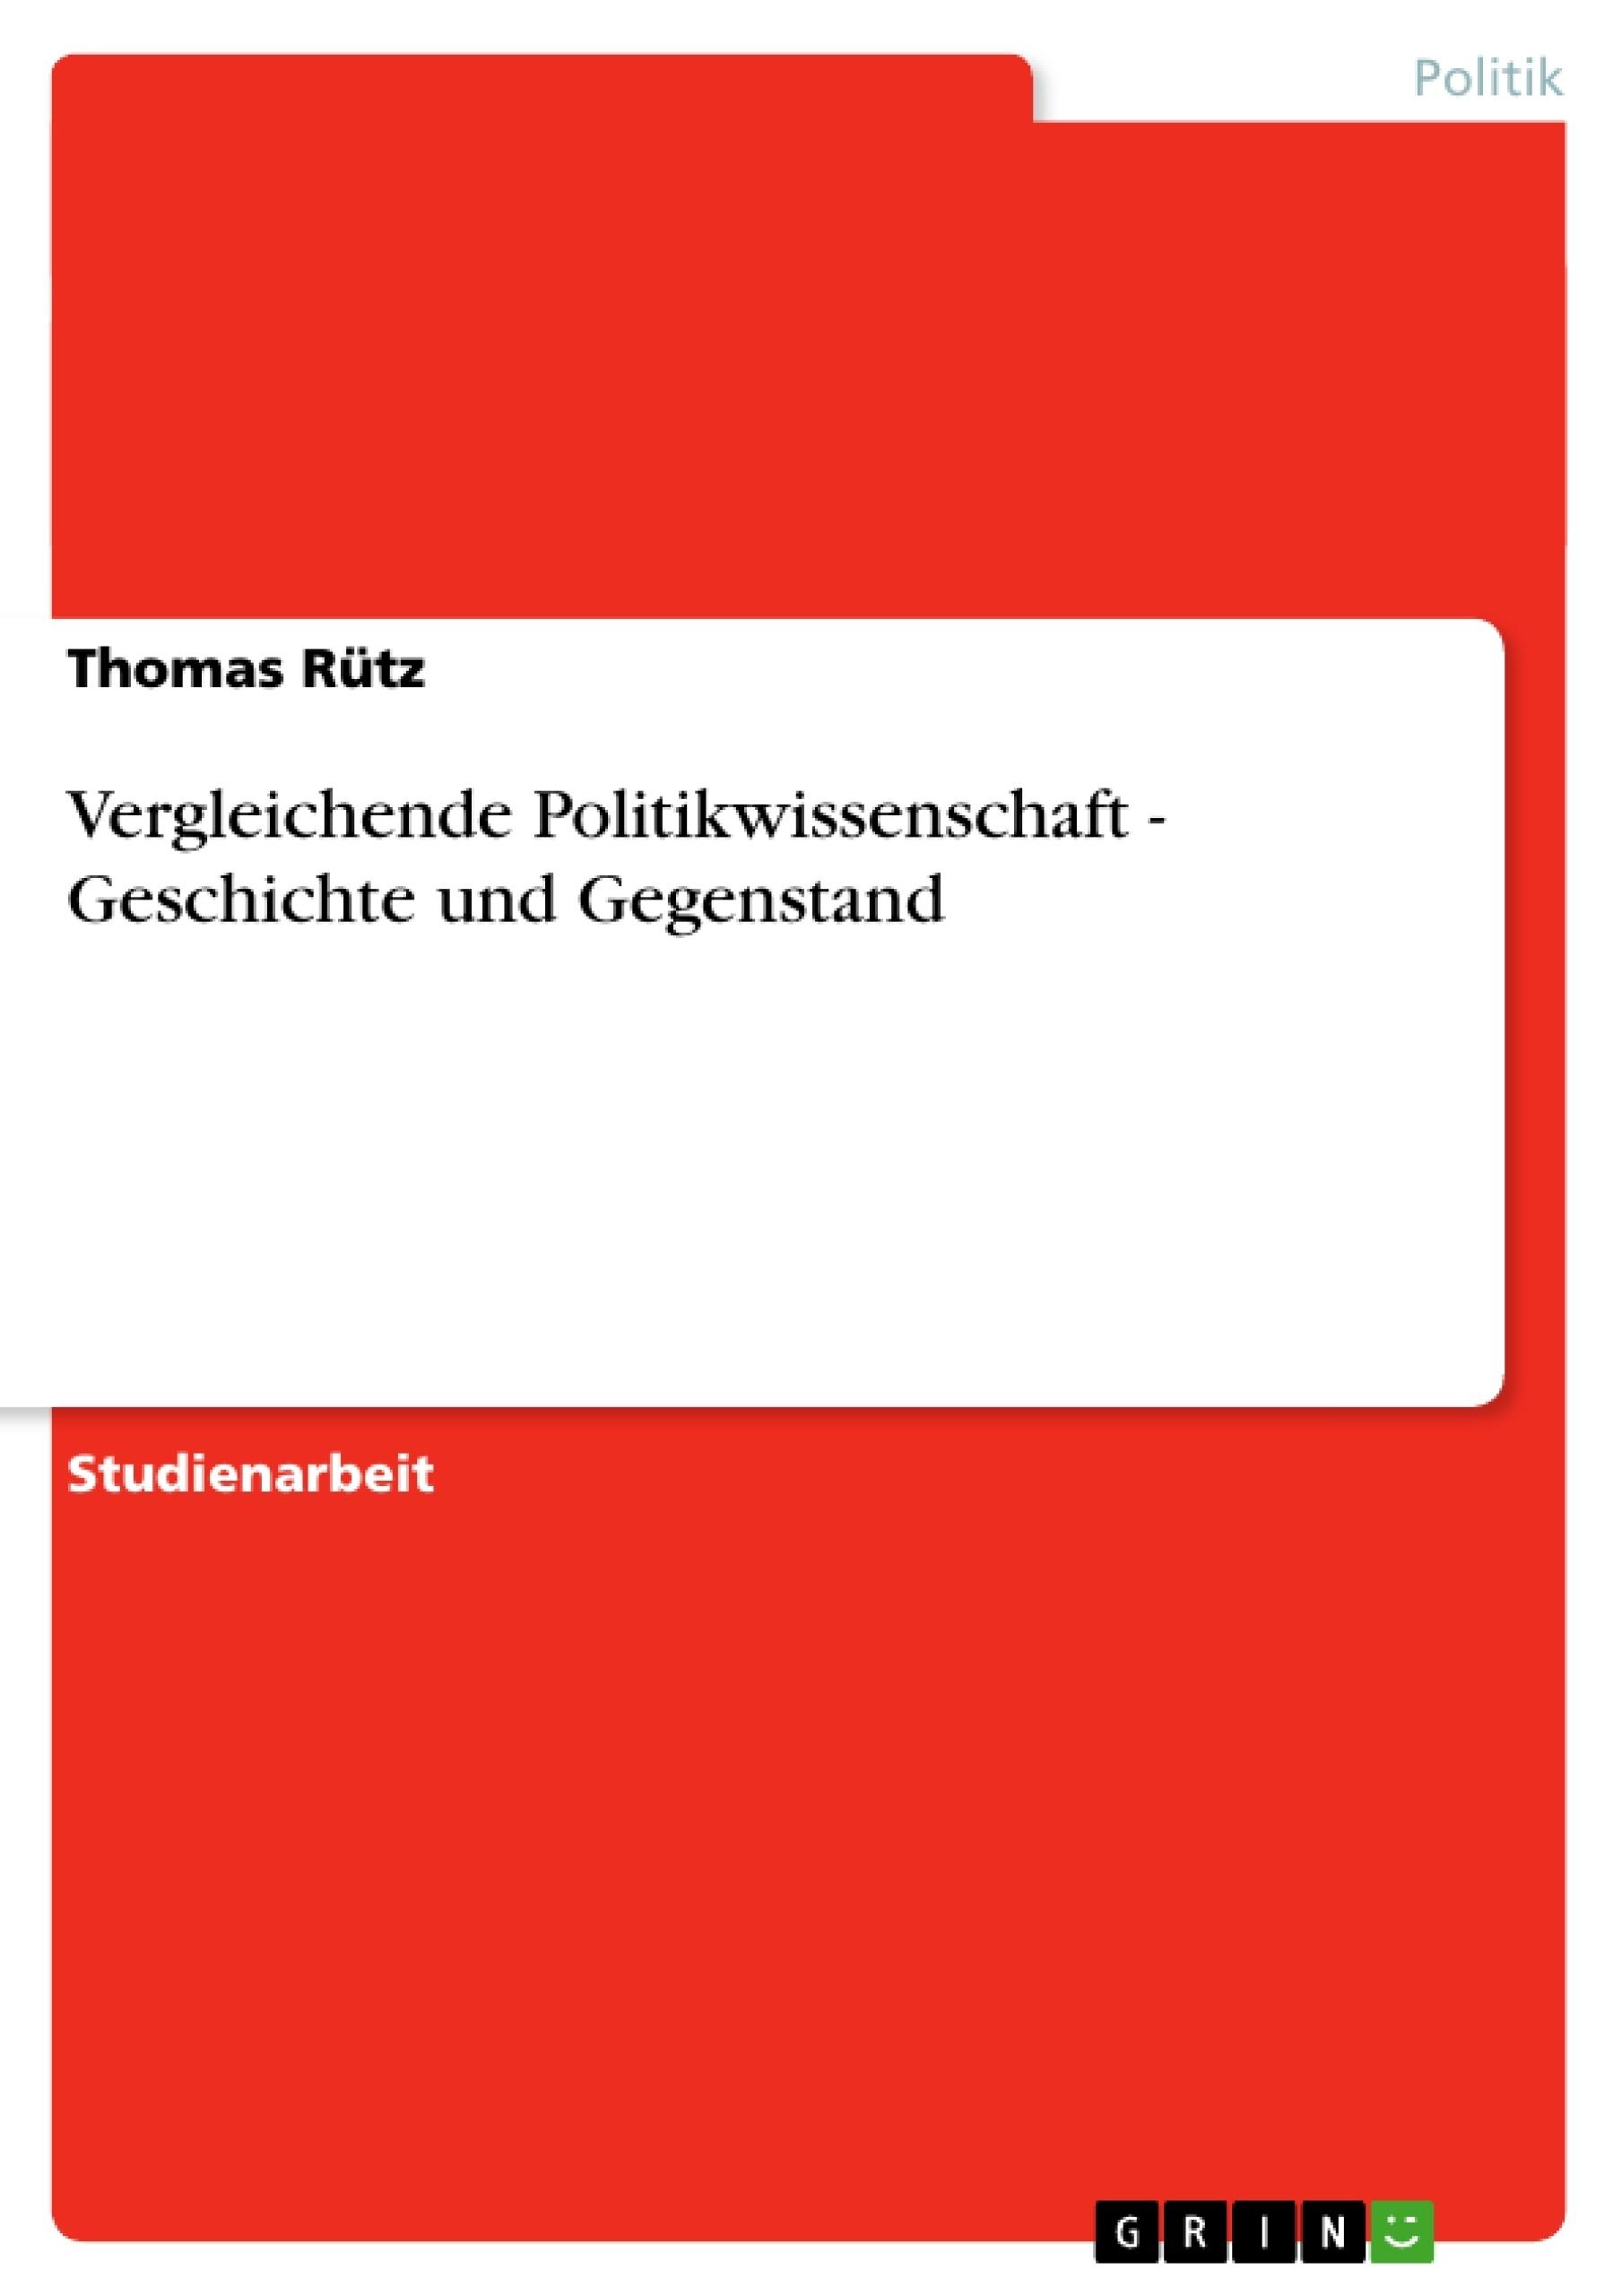 Titel: Vergleichende Politikwissenschaft - Geschichte und Gegenstand